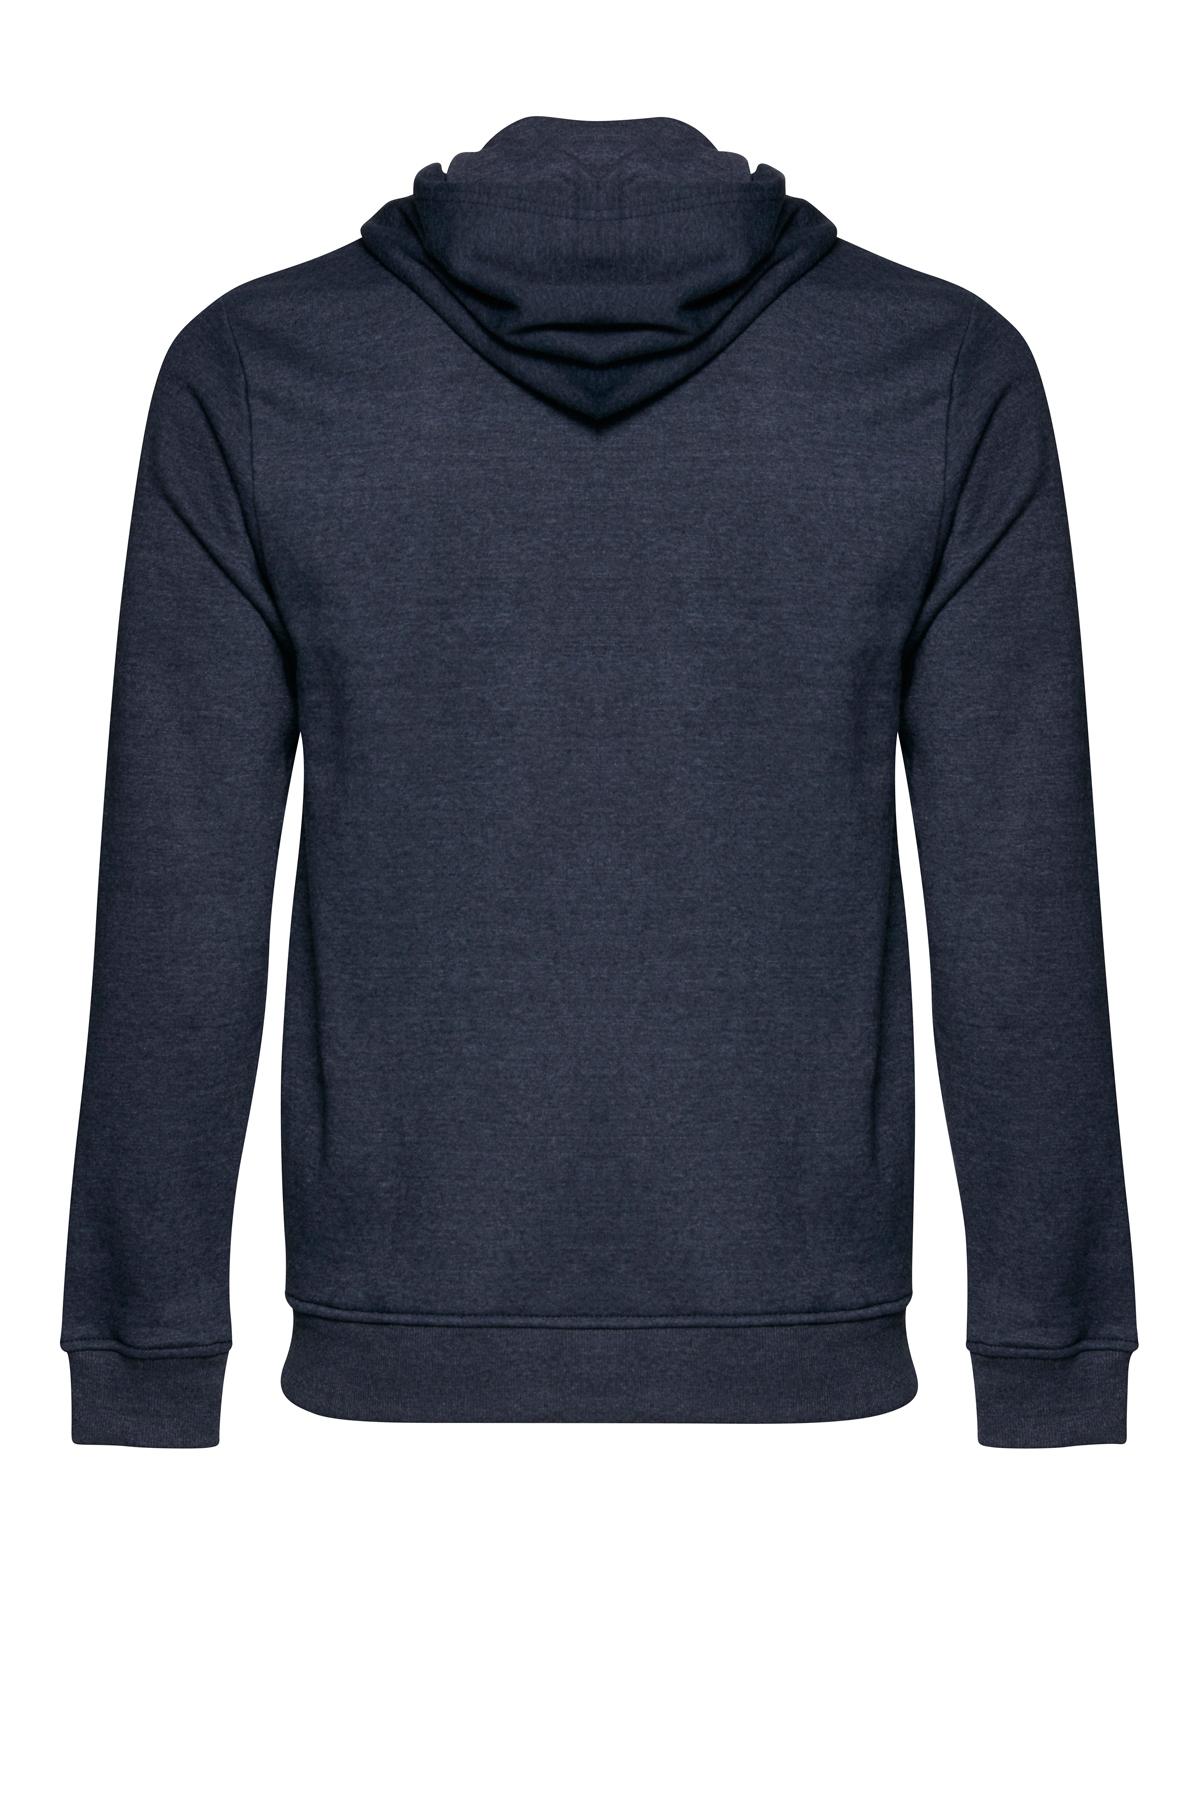 Marineblå meleret Sweatshirt fra Blend He – Køb Marineblå meleret Sweatshirt fra str. S-3XL her